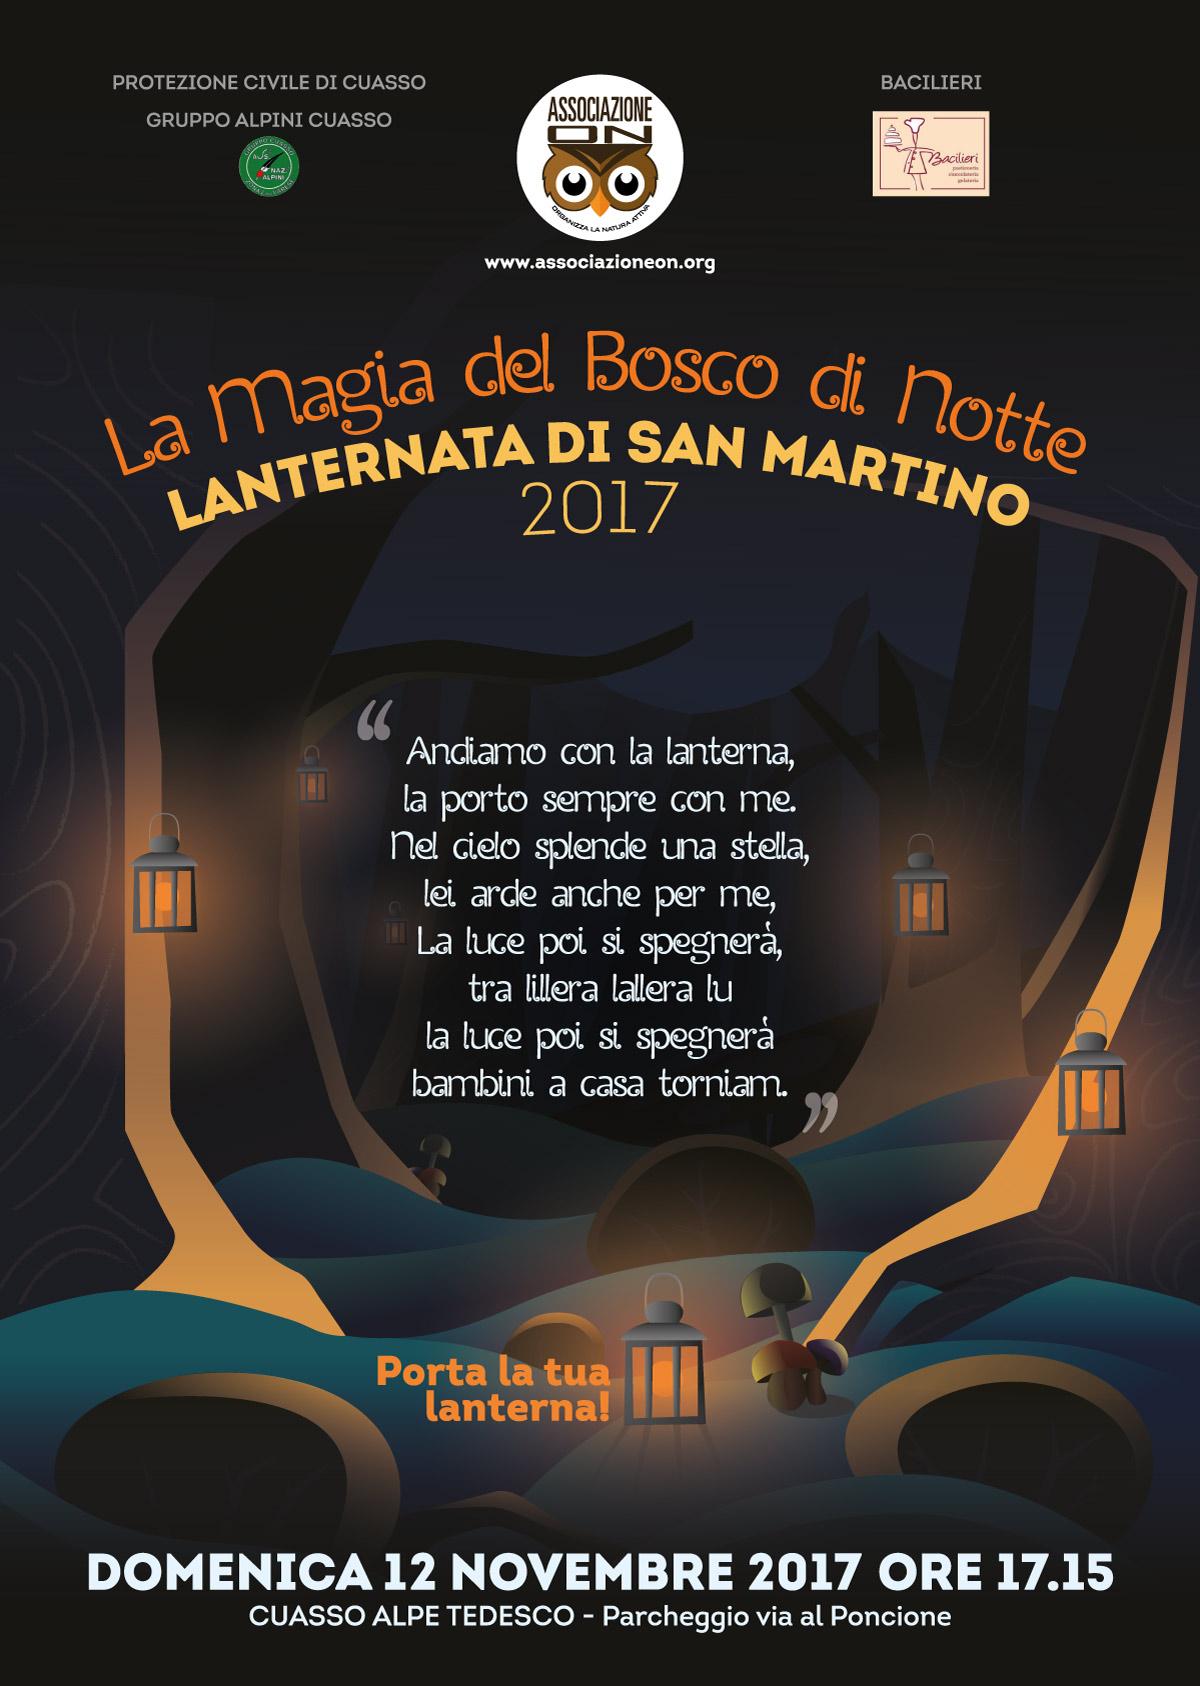 lanternata-2016-web